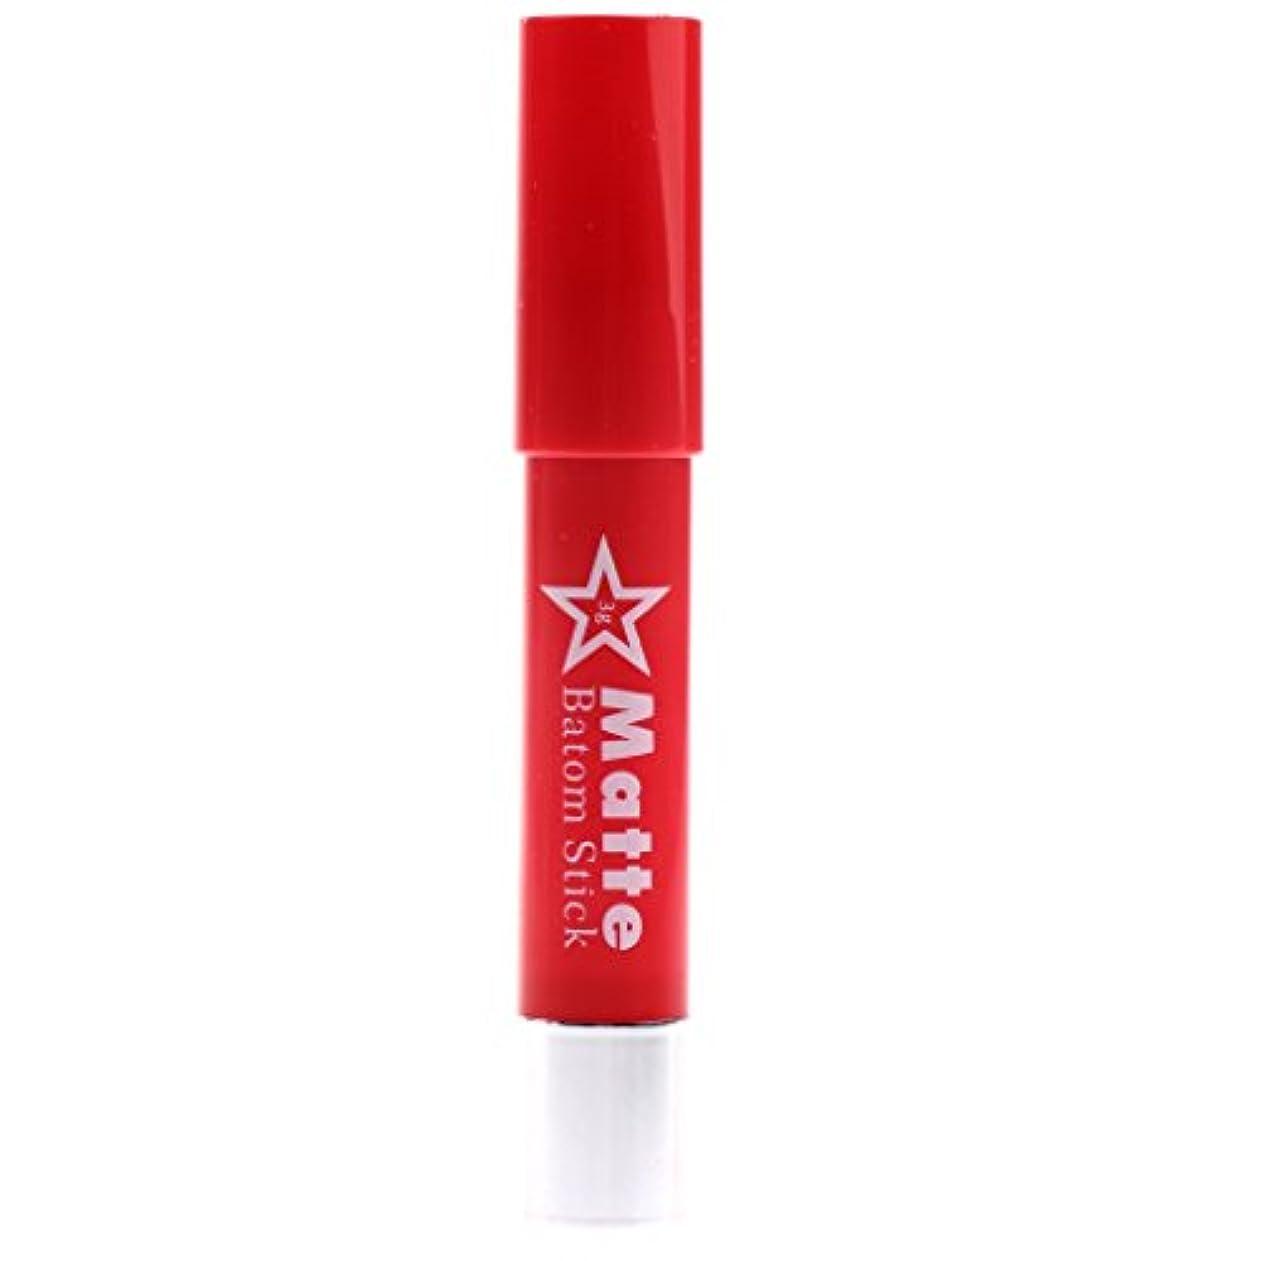 より広がり稼ぐCUTICATE 6色セット リップスティック 口紅 長持ち 保湿 高彩度カラー 人気カラー 携帯便利 - #F